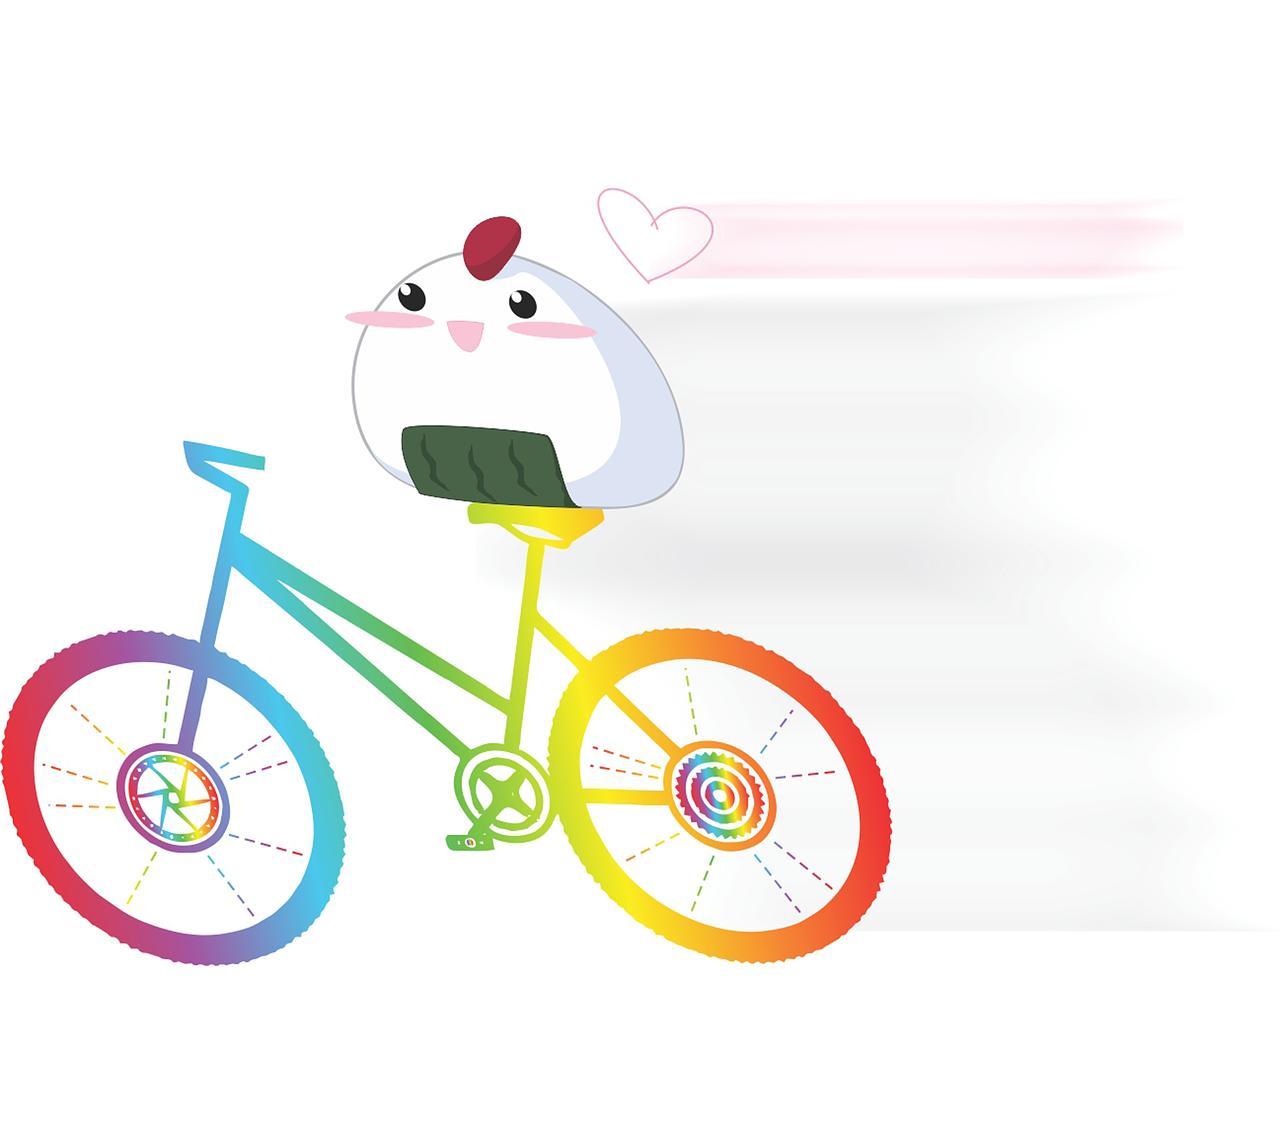 хочу велосипед картинки судеб этот амулет